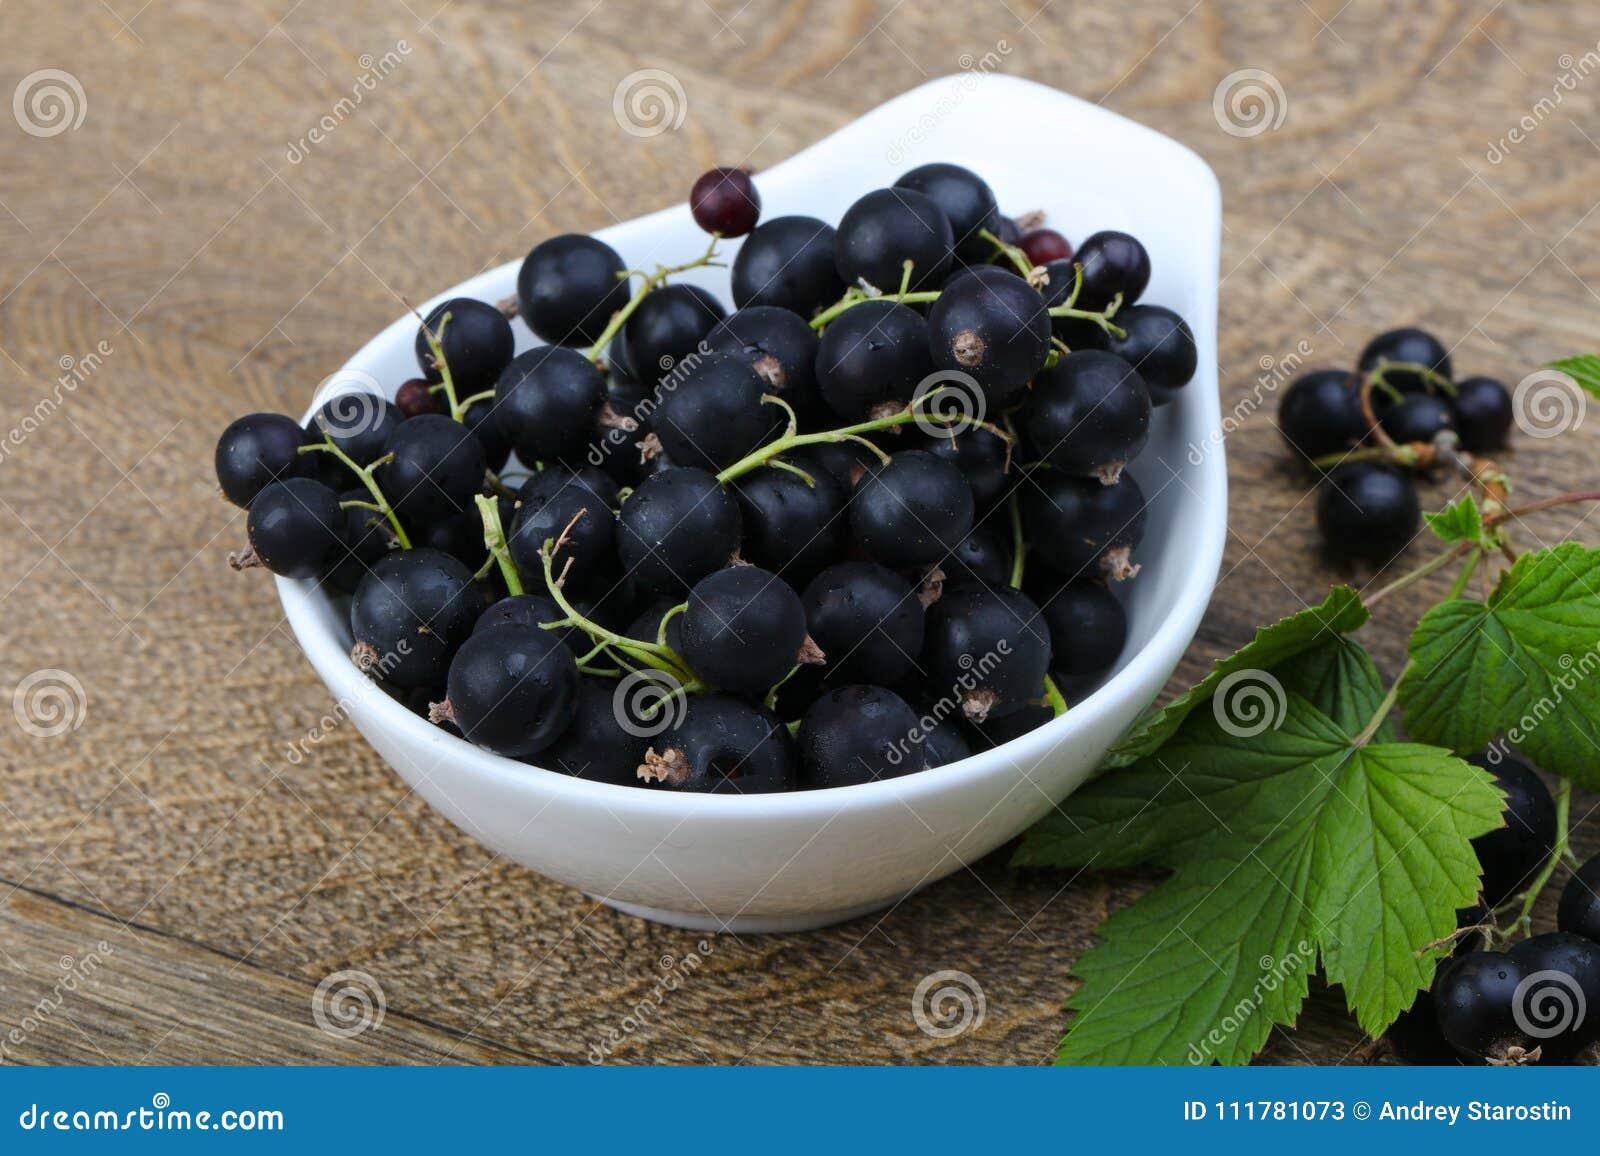 Black currants heap